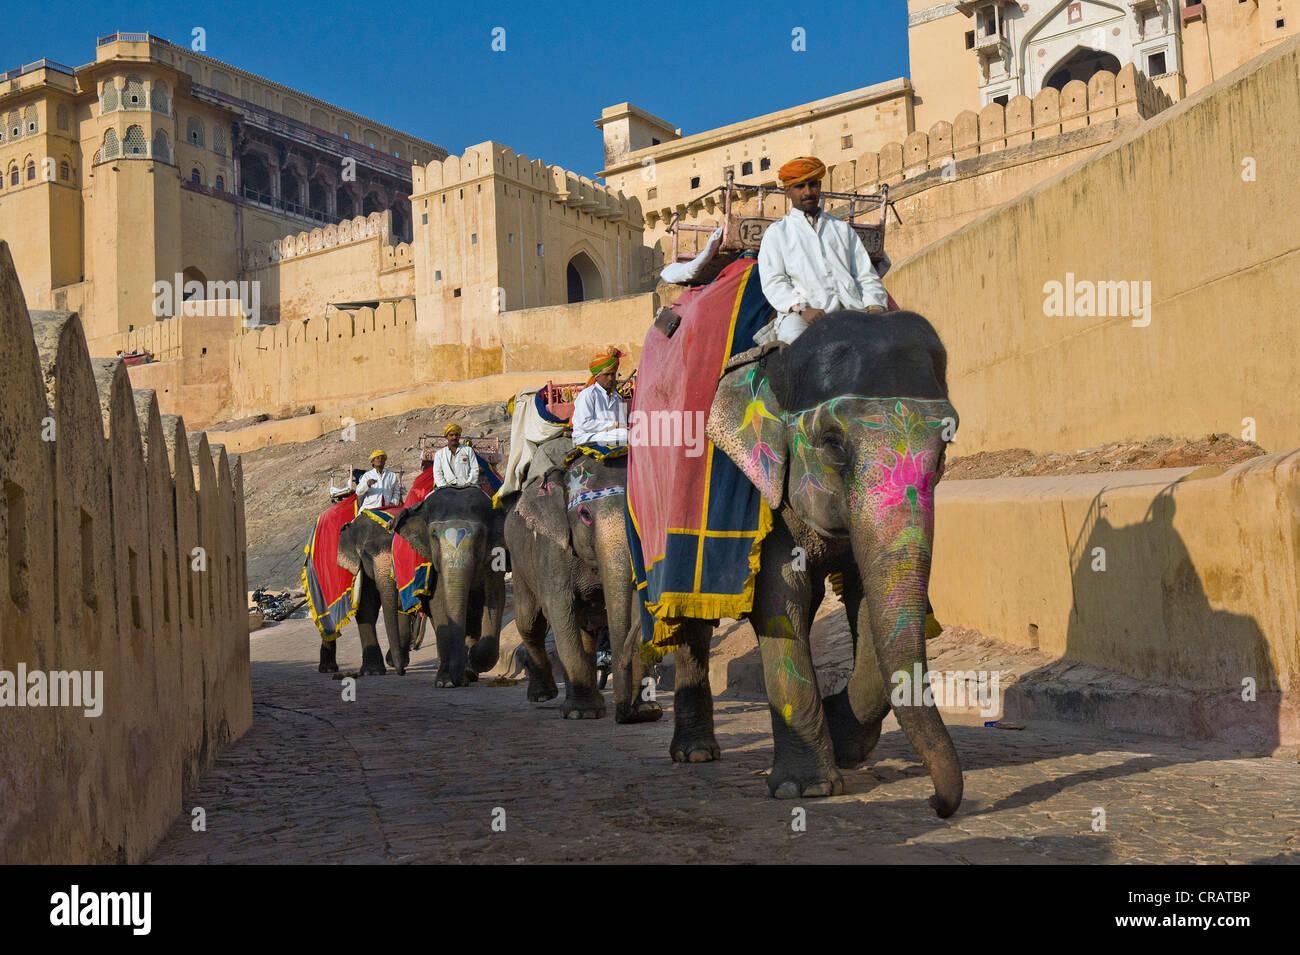 Dipinto di elefanti e mahouts, Ambra Fort, Jaipur, Rajasthan, India, Asia Foto Stock